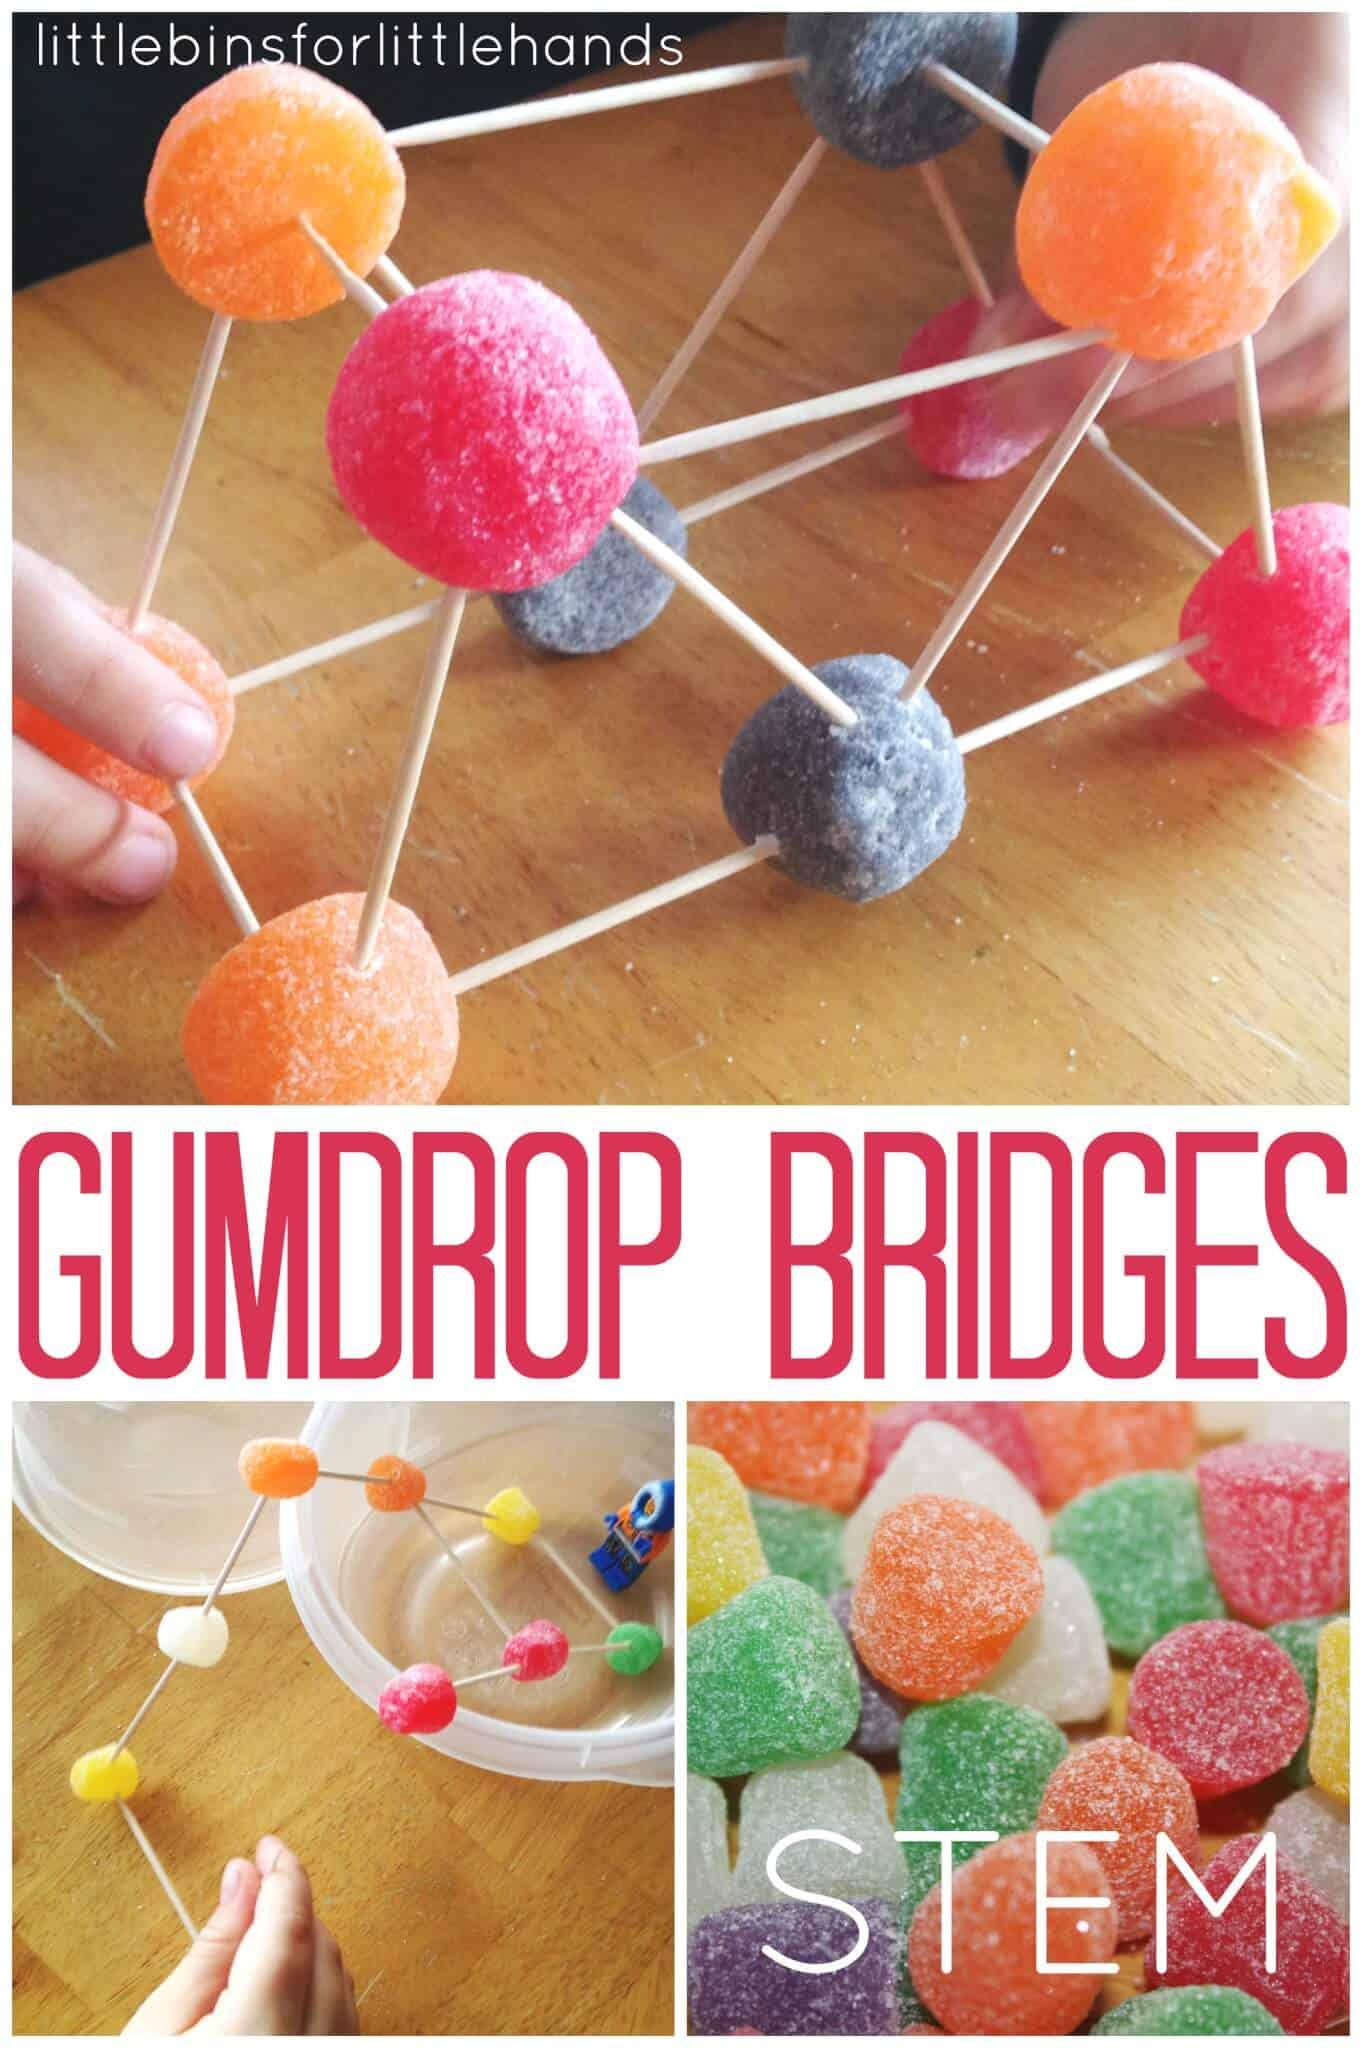 Gumdrop Bridge Building Stem Engineering Activity